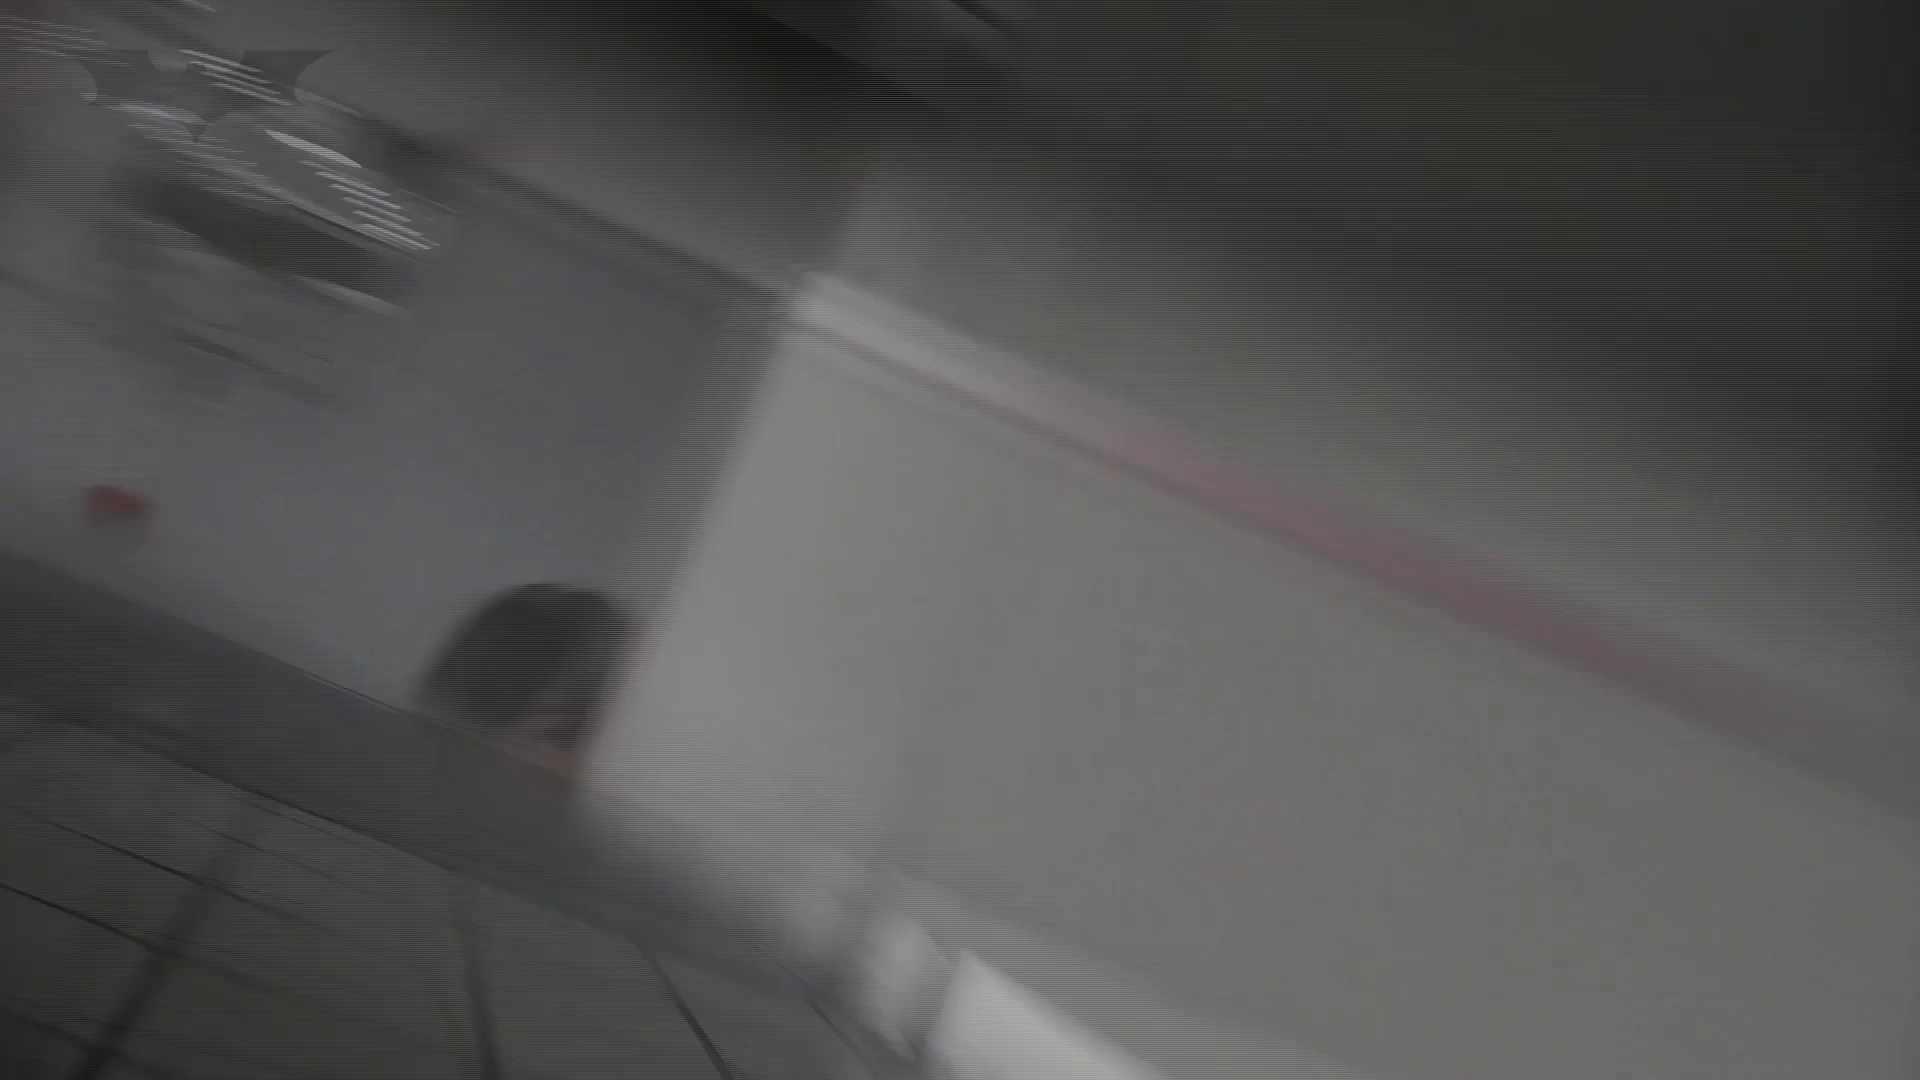 美しい日本の未来 No.33 黒パンをやっと下げる? 盗撮映像大放出 オマンコ動画キャプチャ 89連発 37